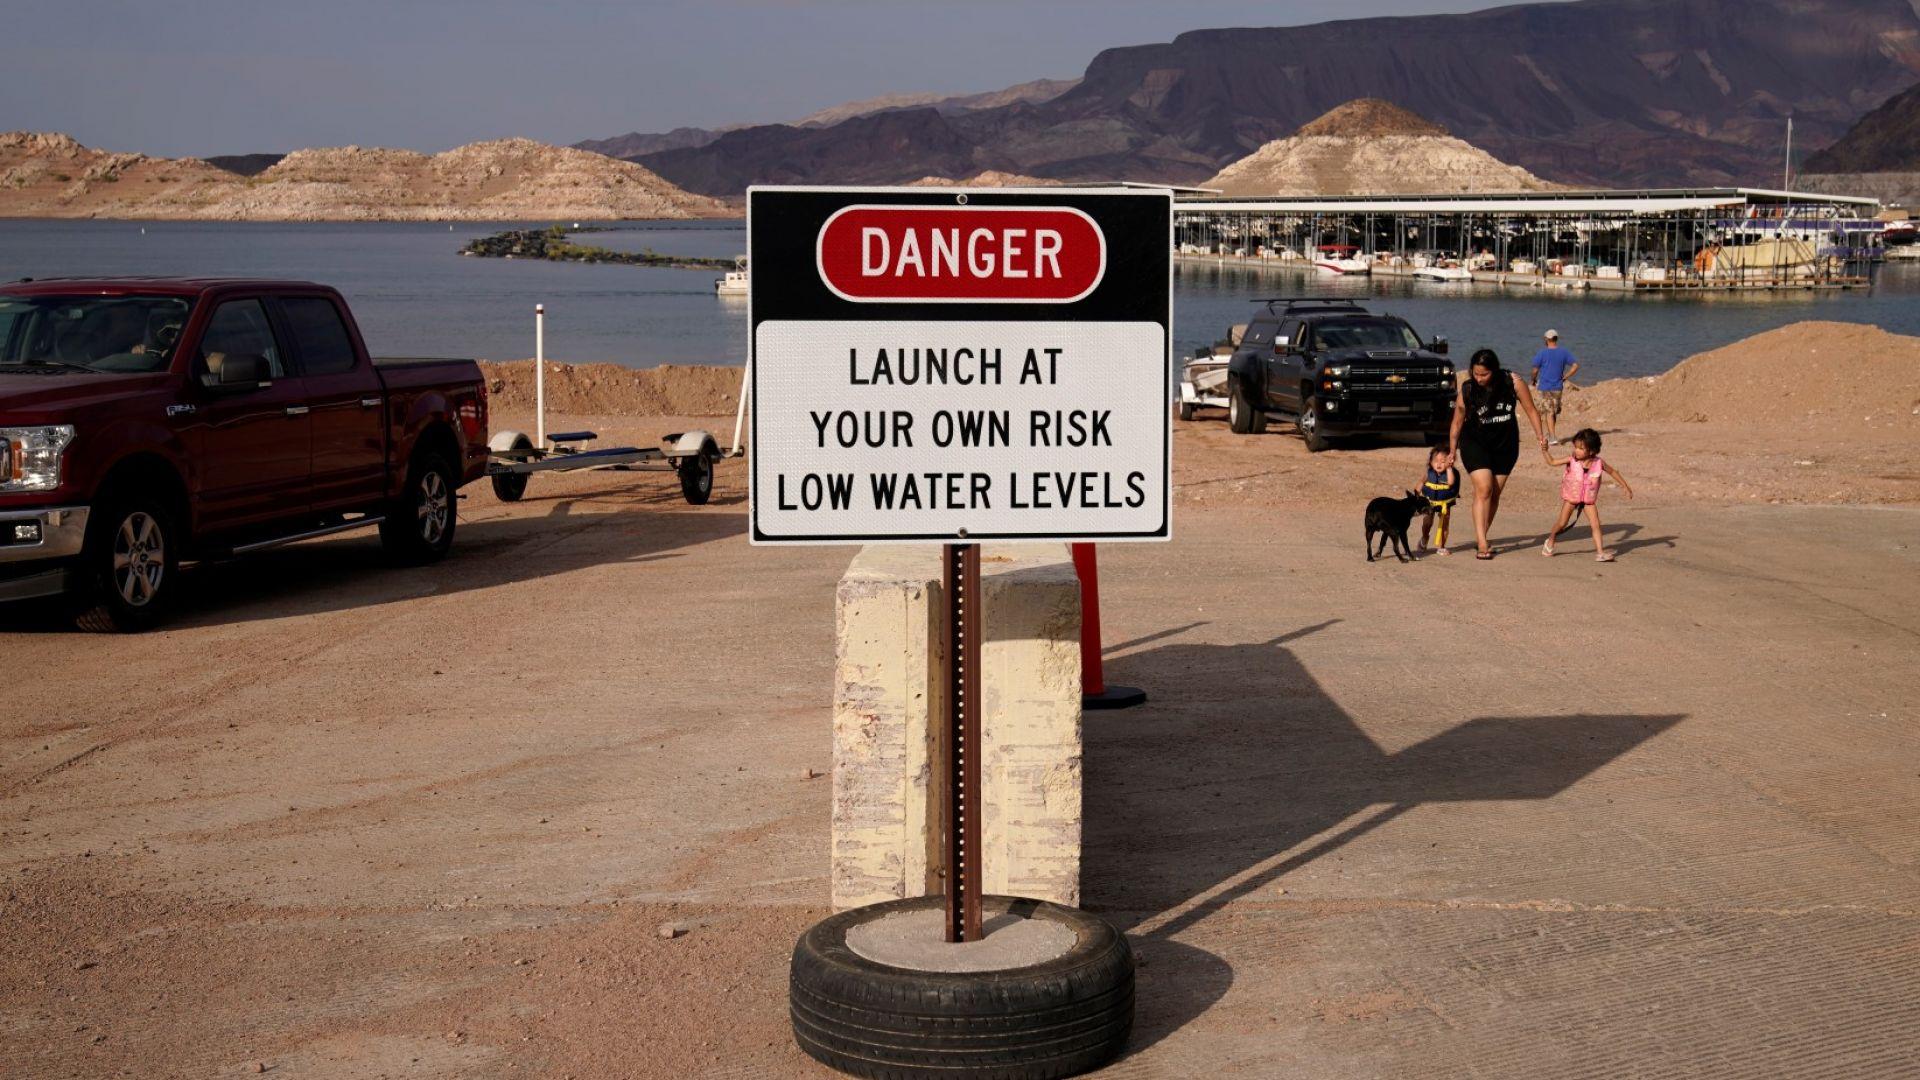 Властите предупреждават за опасност заради ниското ниво на язовира